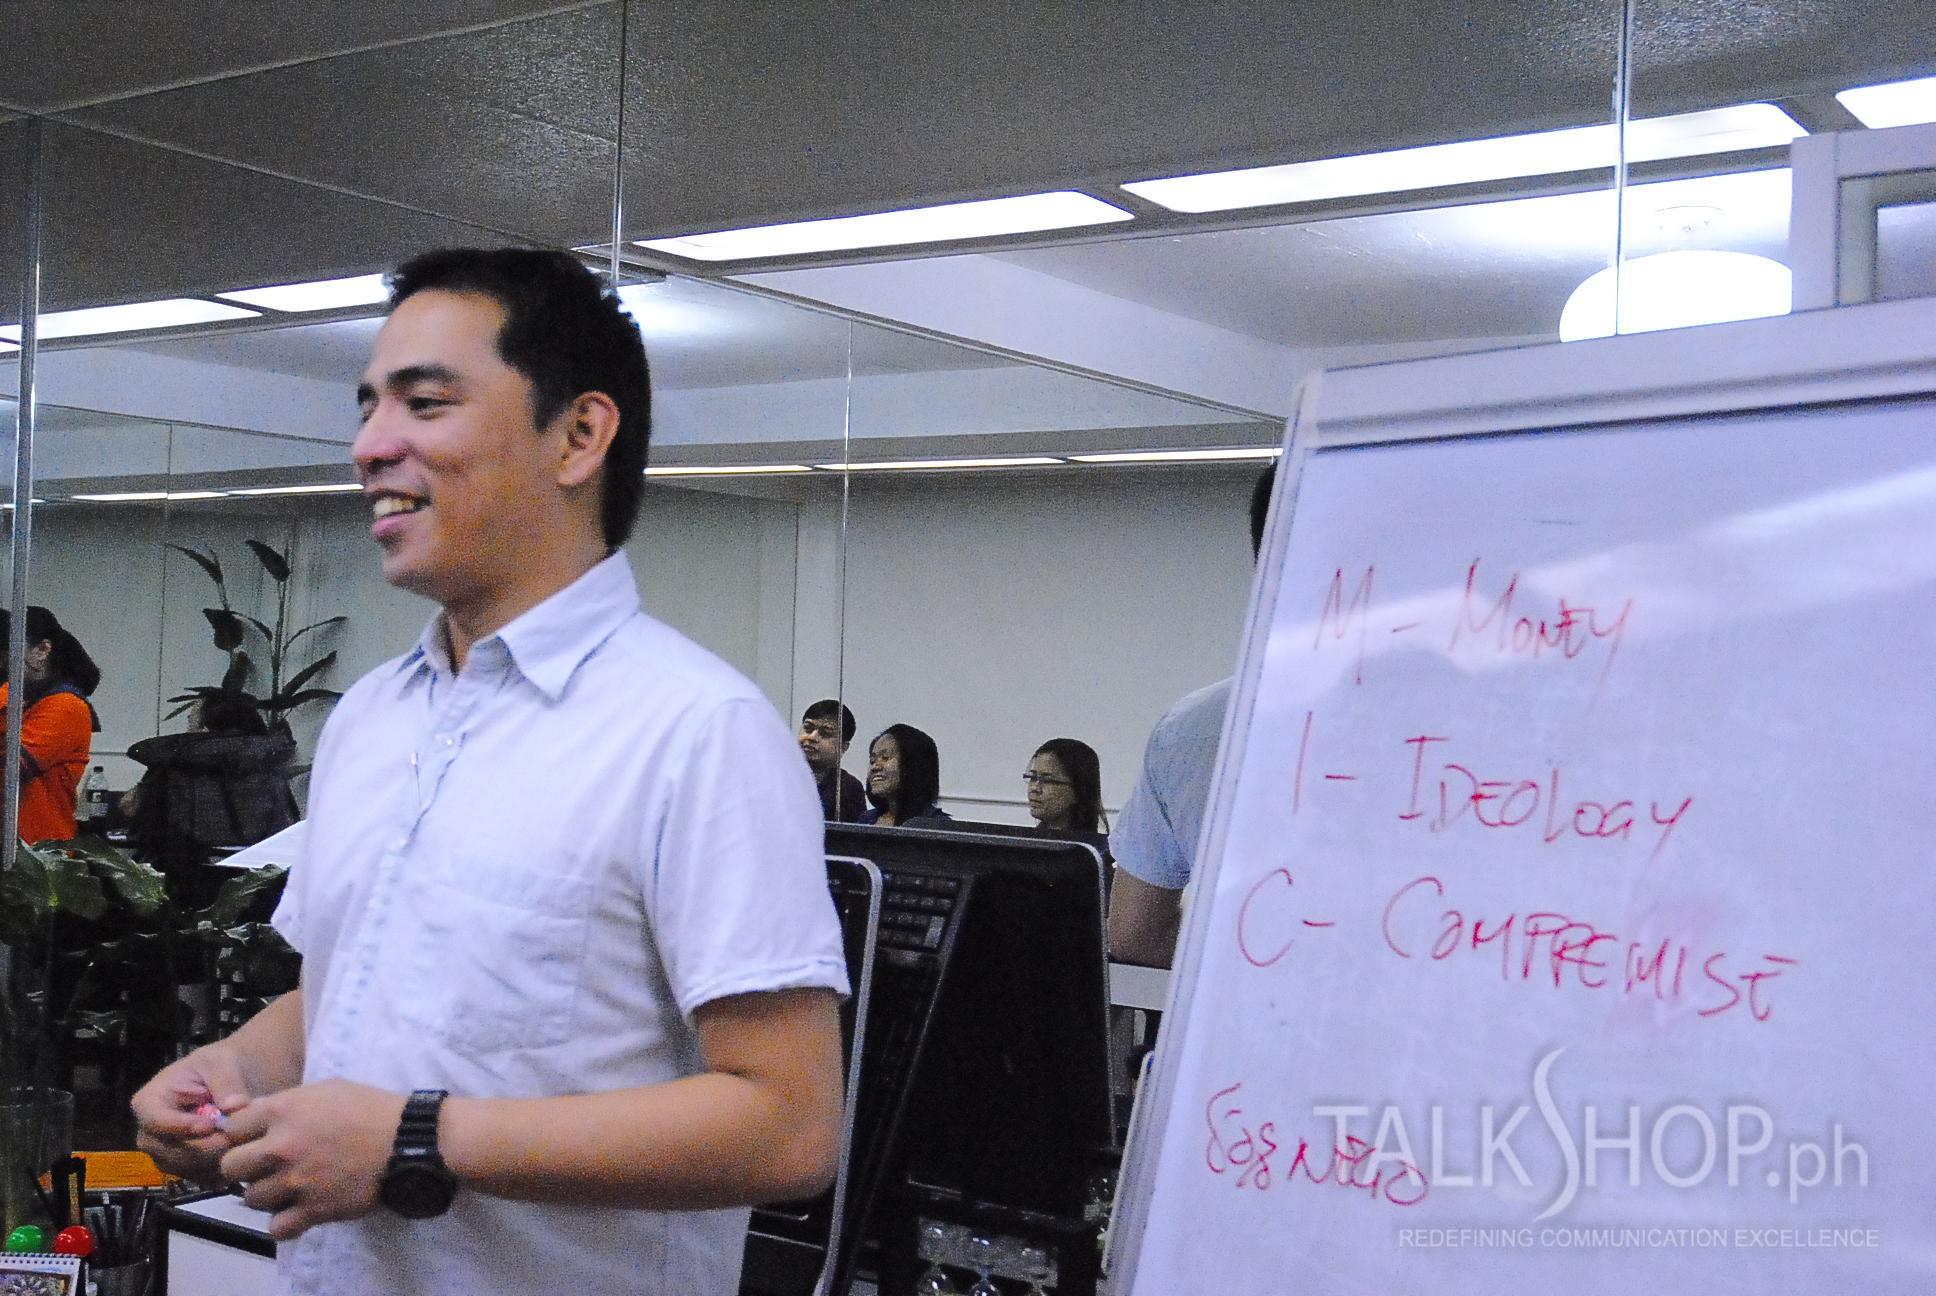 TalkShop Negotiation Skills Training